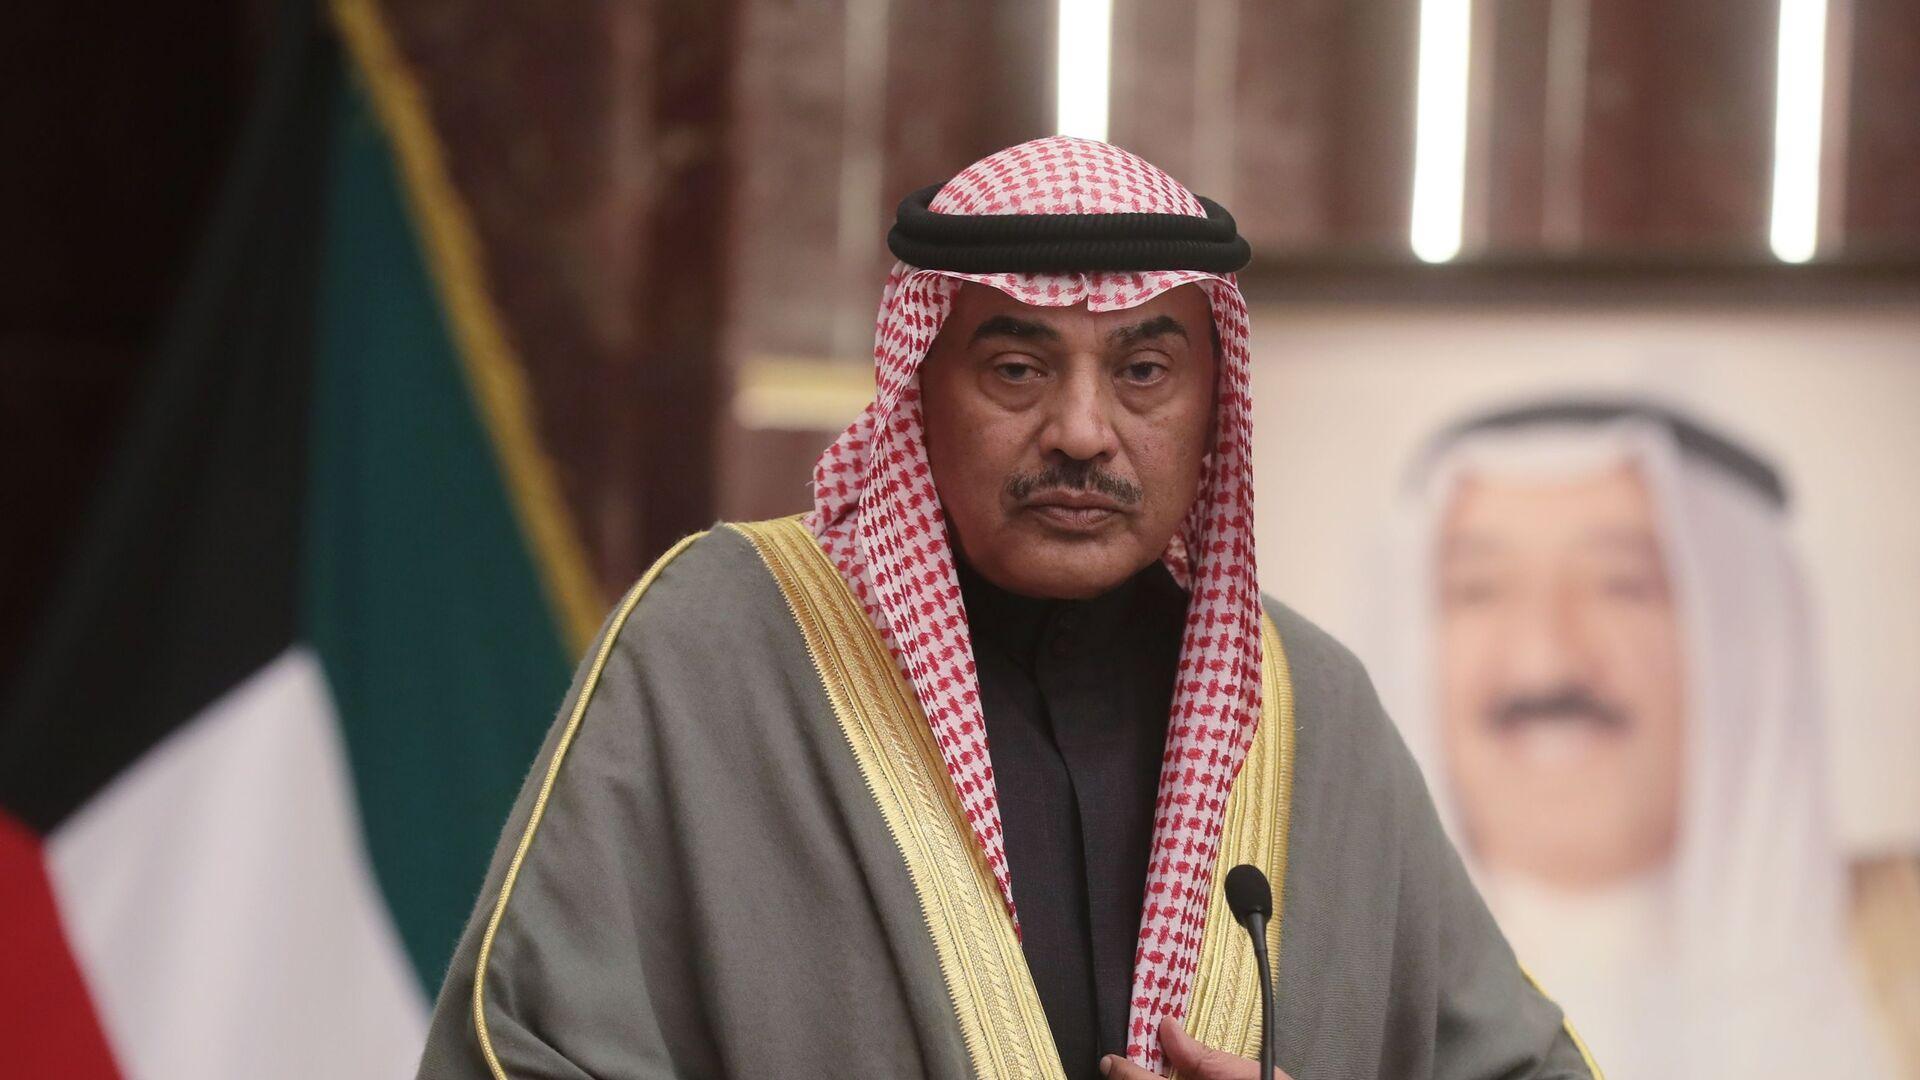 Заместитель председателя совета министров Кувейта, министр иностранных дел Кувейта шейх Сабах Аль-Халед Ас-Сабах - РИА Новости, 1920, 05.09.2020